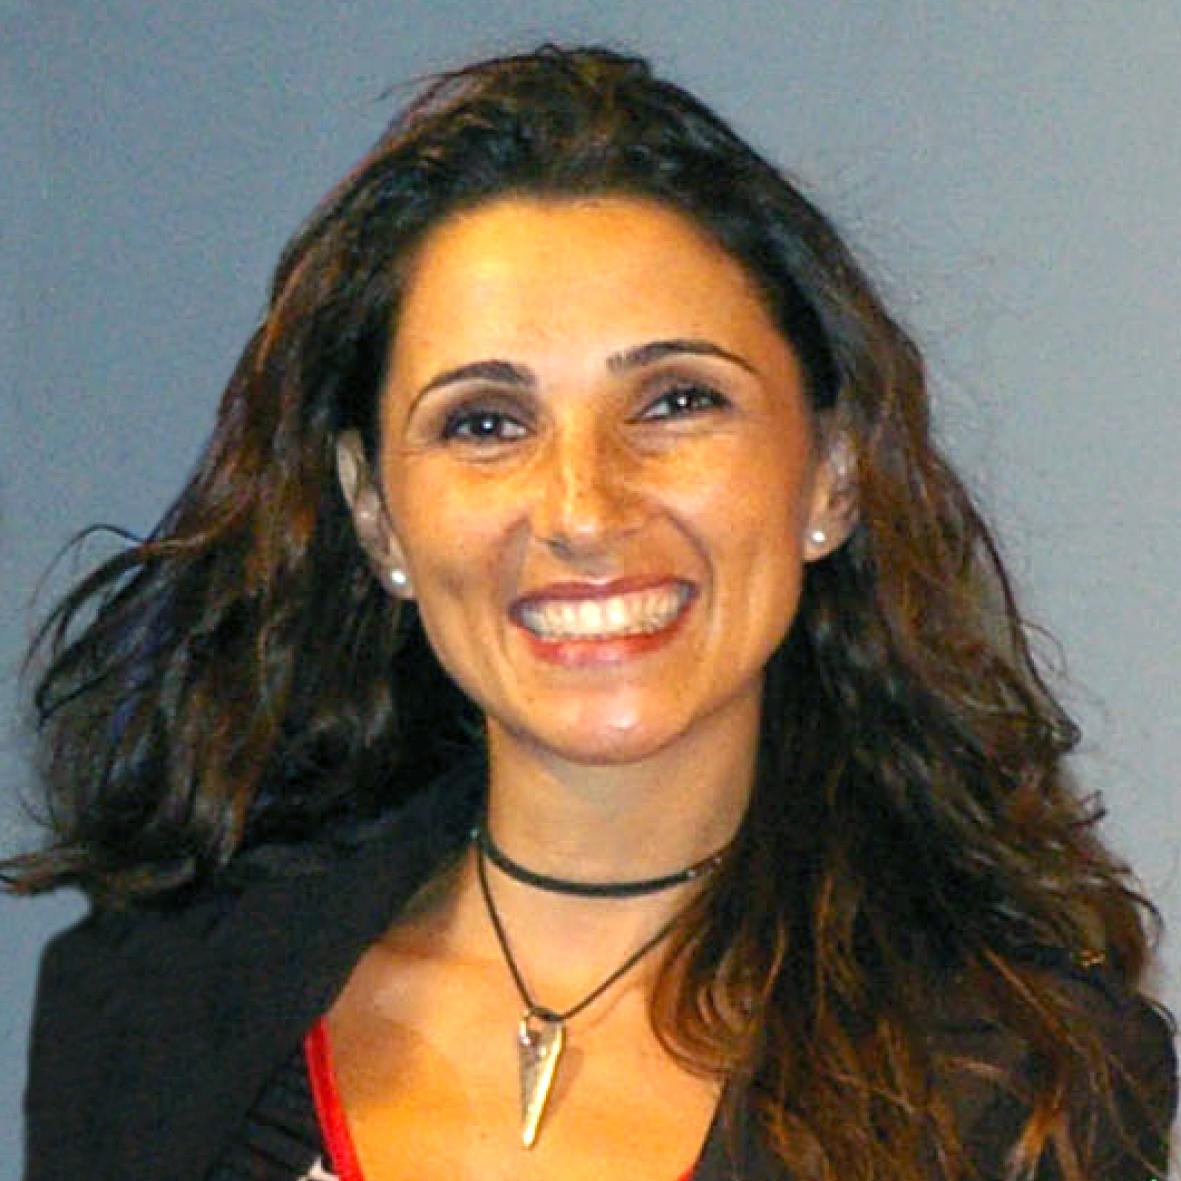 Angelica Cetra